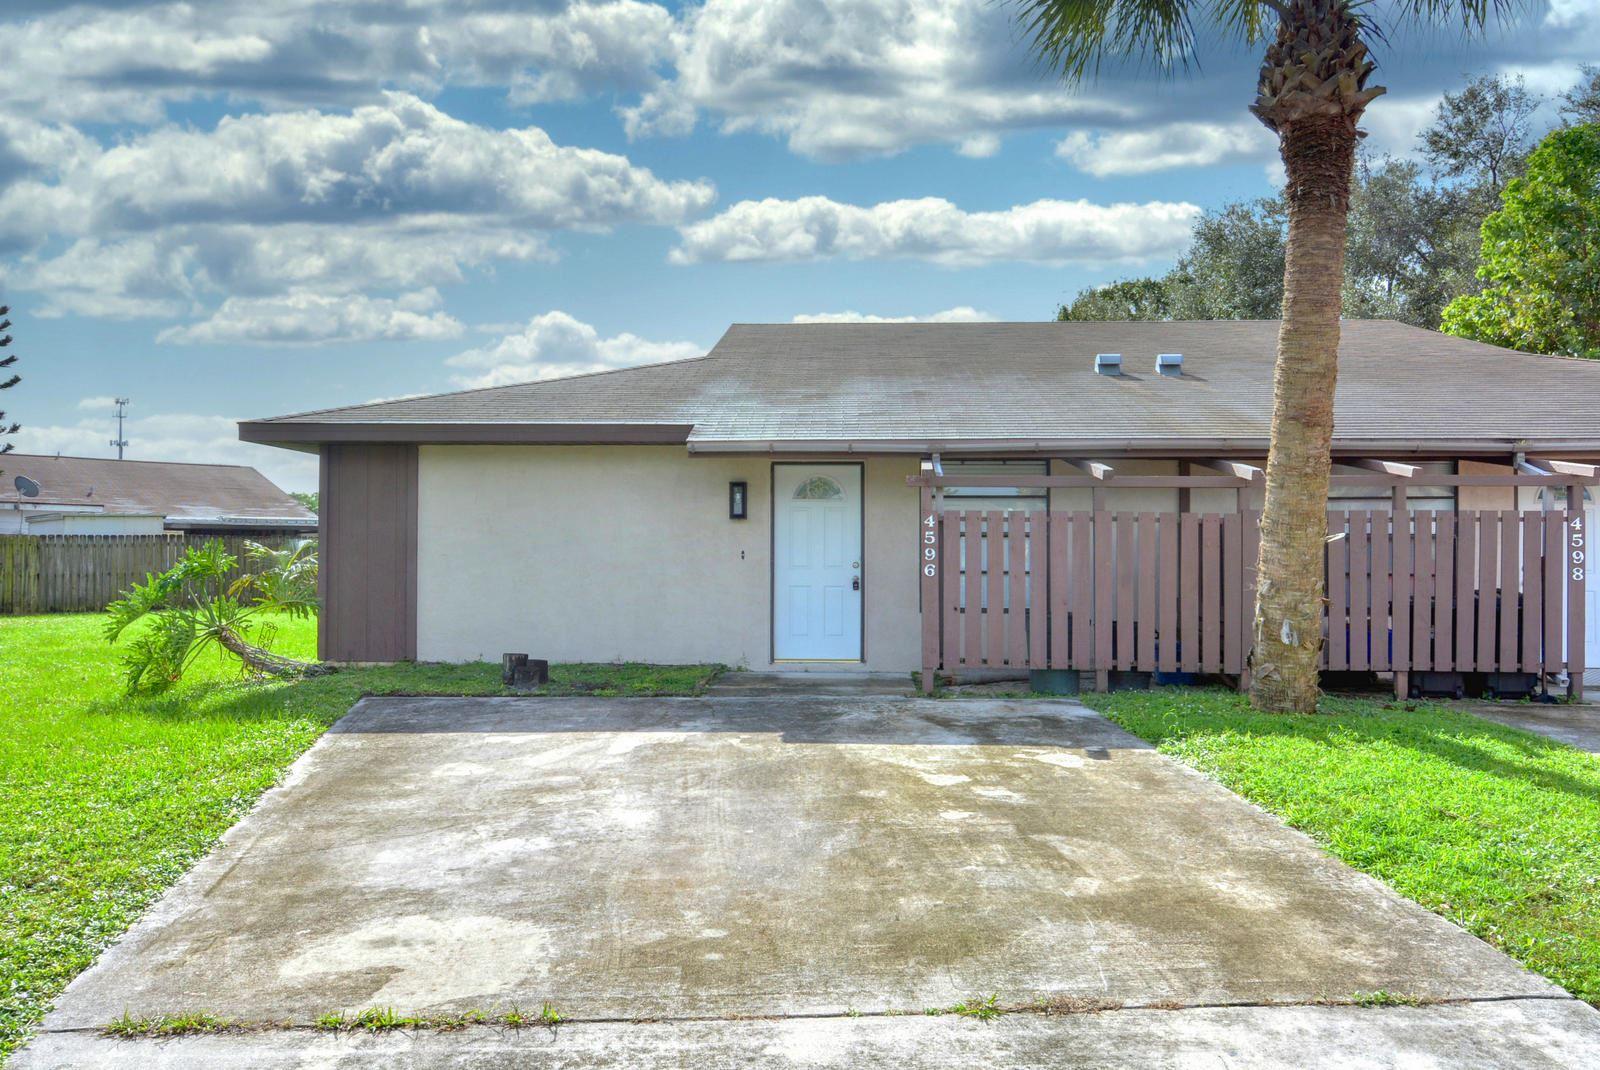 Photo of 4596 SE Marie Way, Stuart, FL 34997 (MLS # RX-10672832)